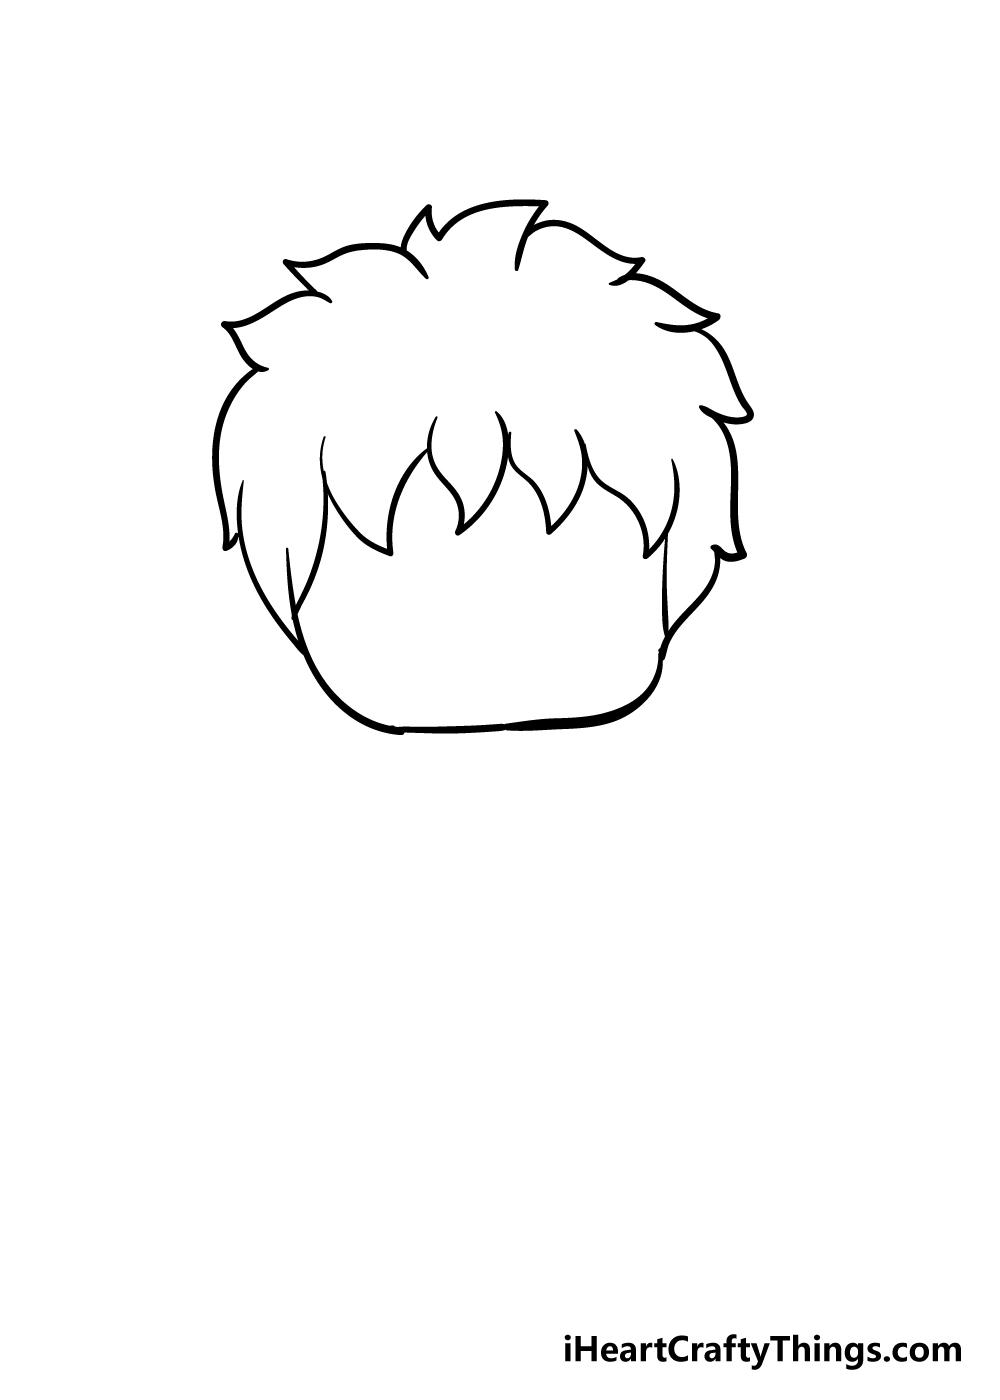 chibi drawing step 5